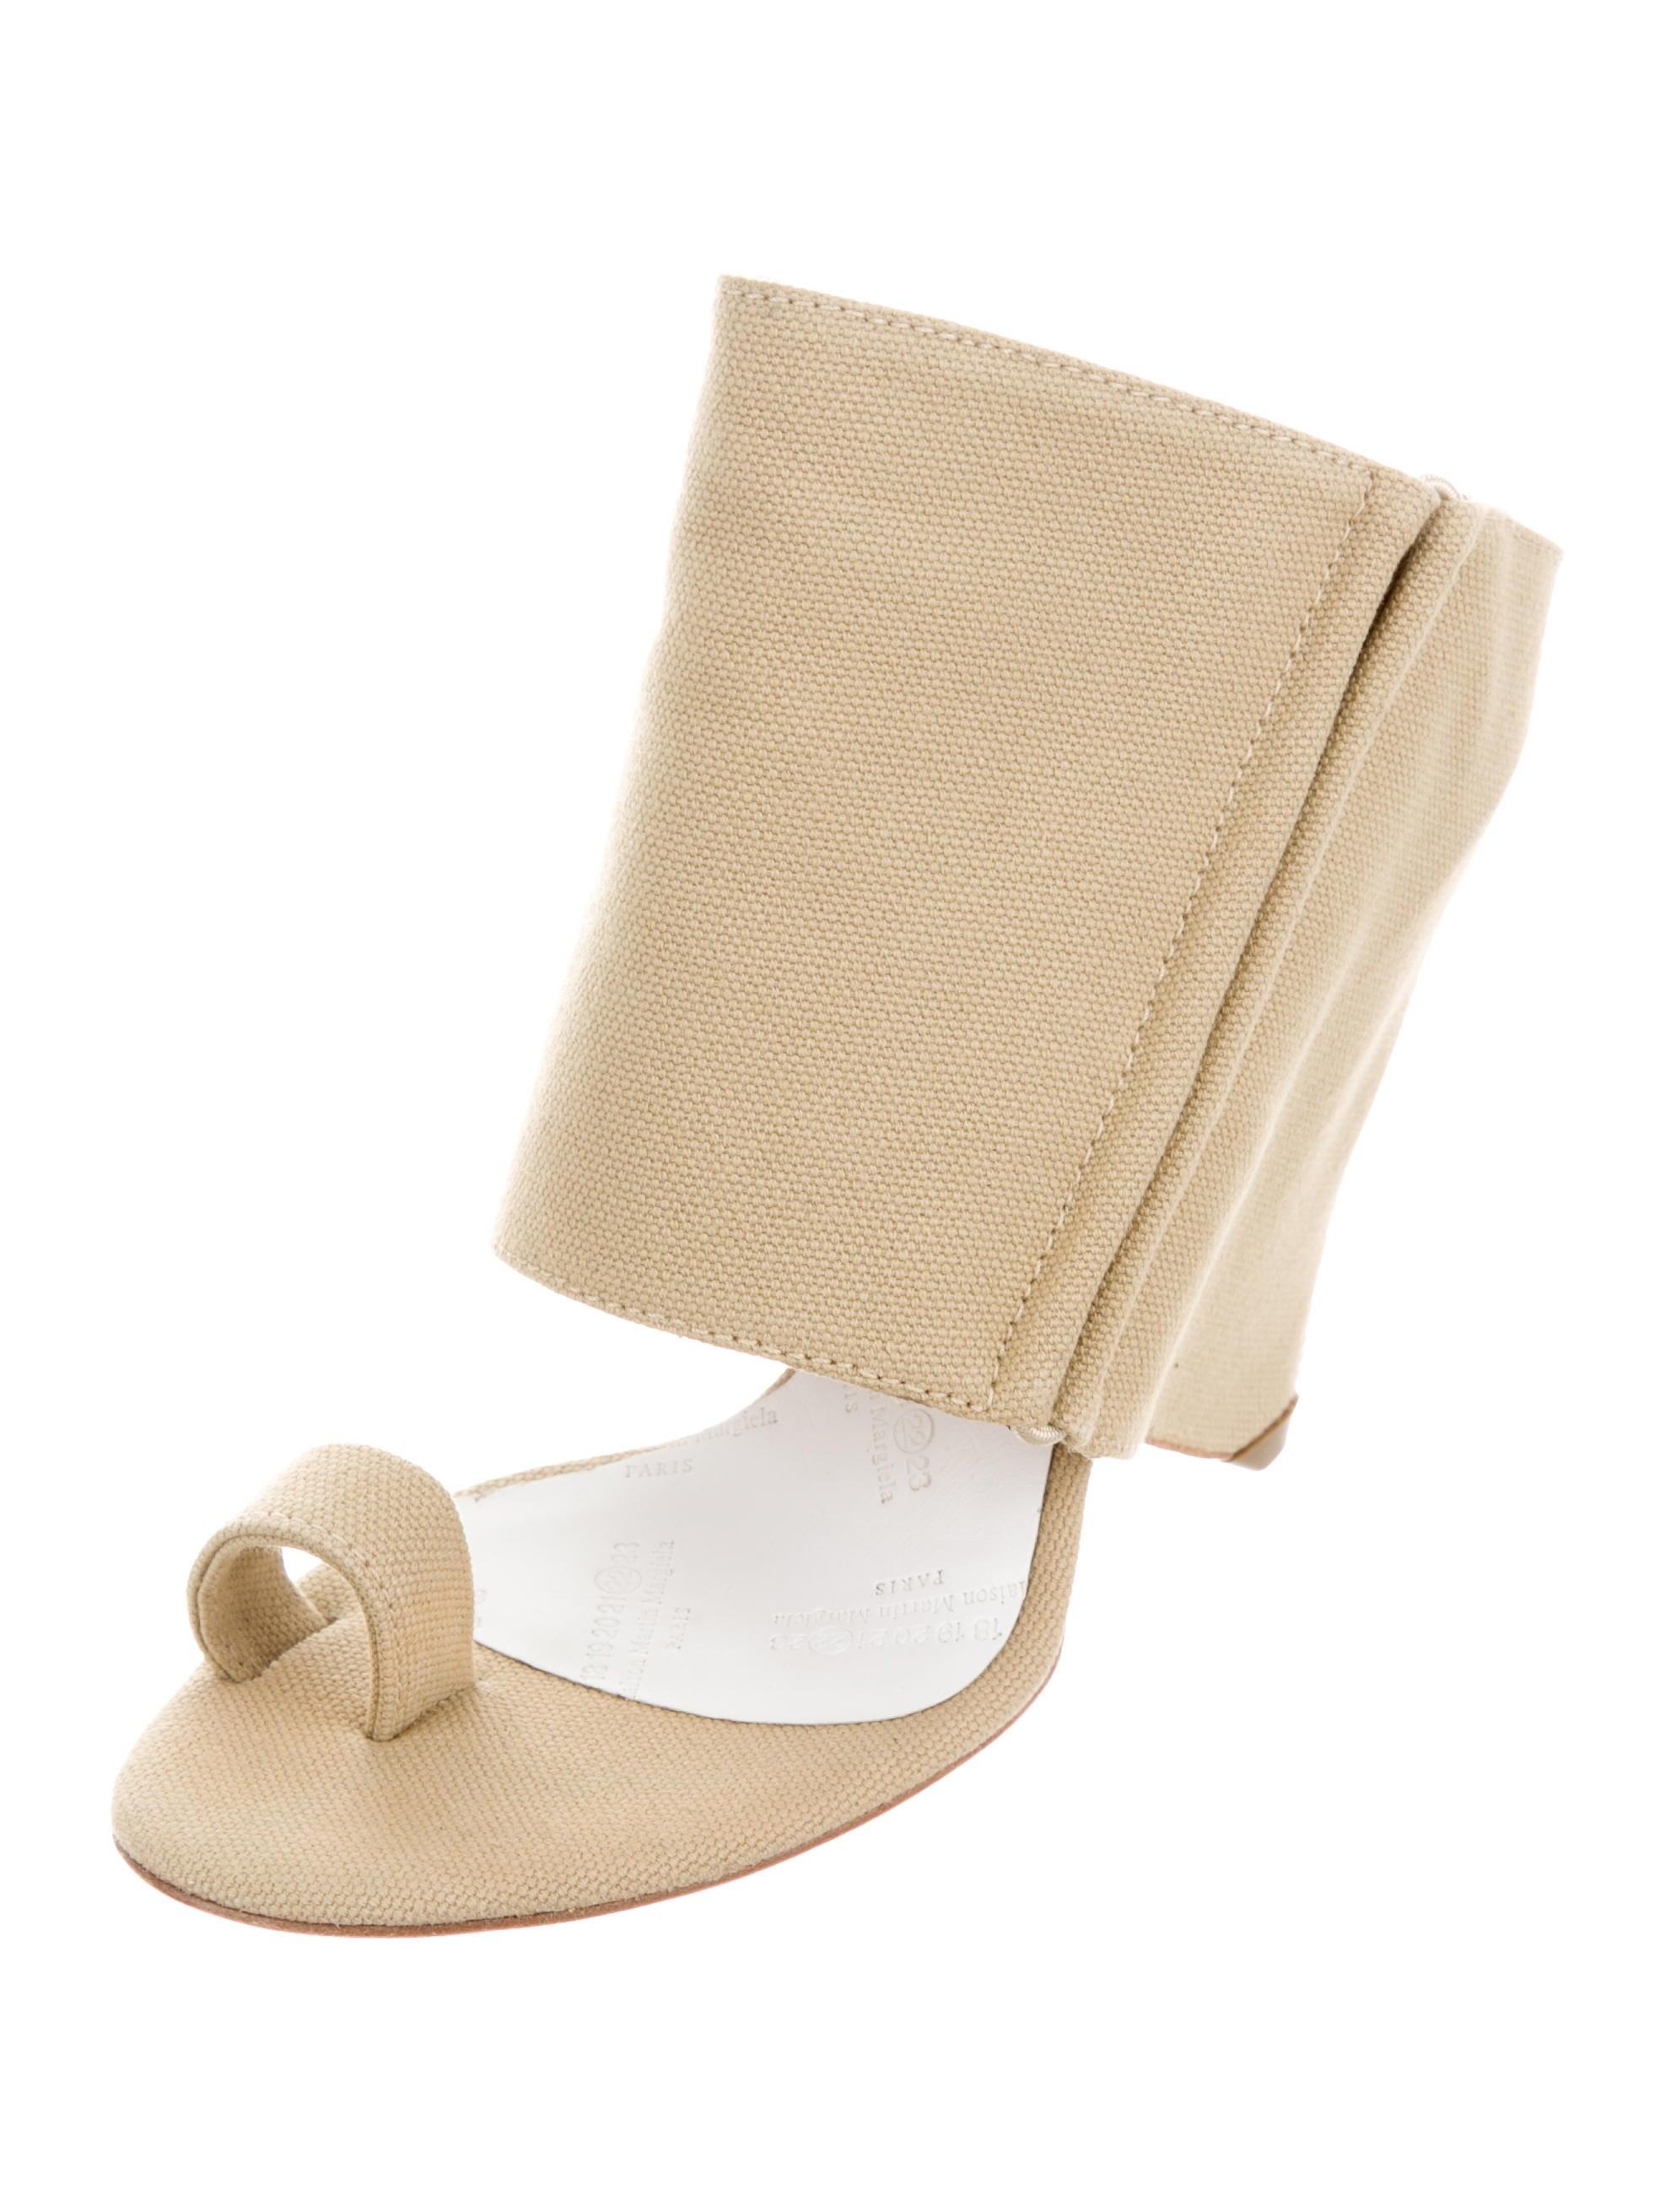 maison margiela canvas wedge sandals w tags shoes